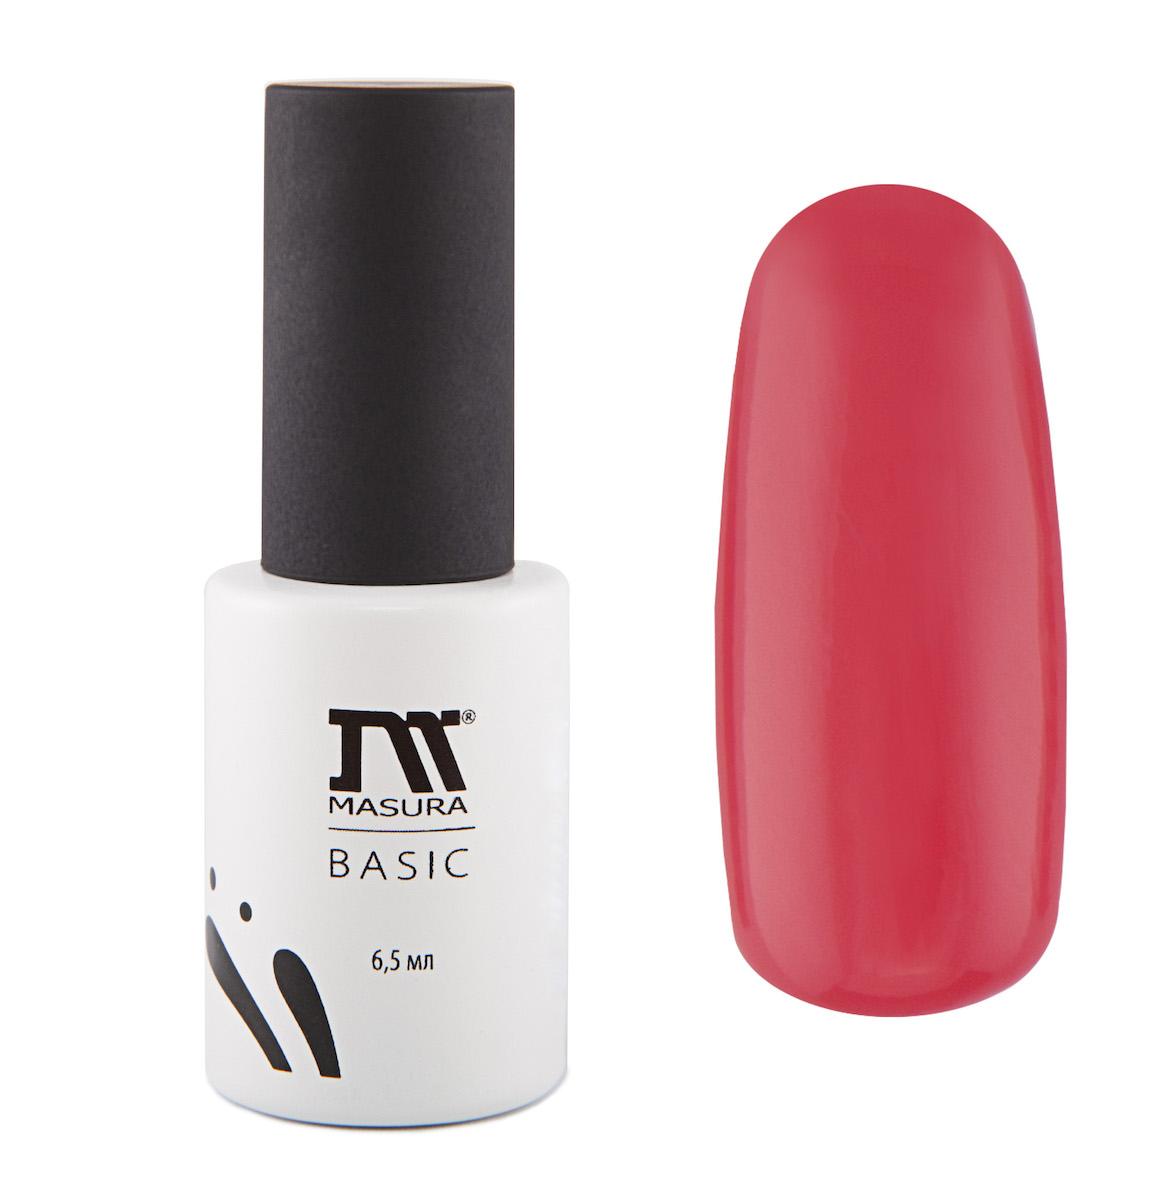 Masura Гель-лак BASIC Второе Свидание 6,5 мл294-75Коралловый с розовым подтоном, без блесток и перламутра, плотныйКак ухаживать за ногтями: советы эксперта. Статья OZON Гид